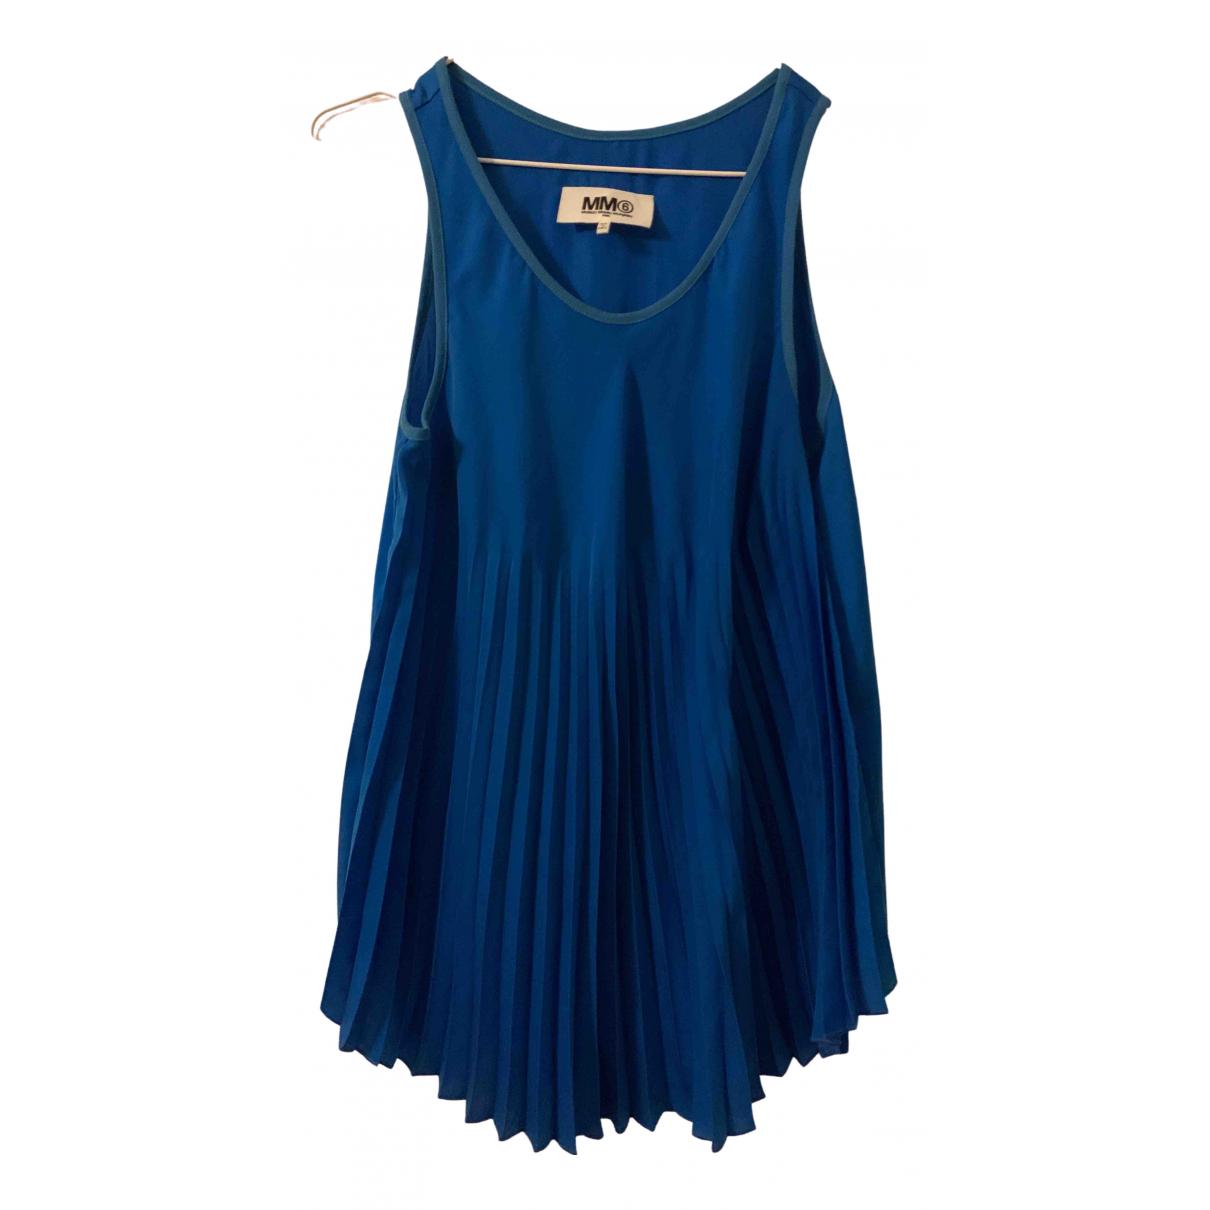 Mm6 \N Kleid in  Blau Baumwolle - Elasthan